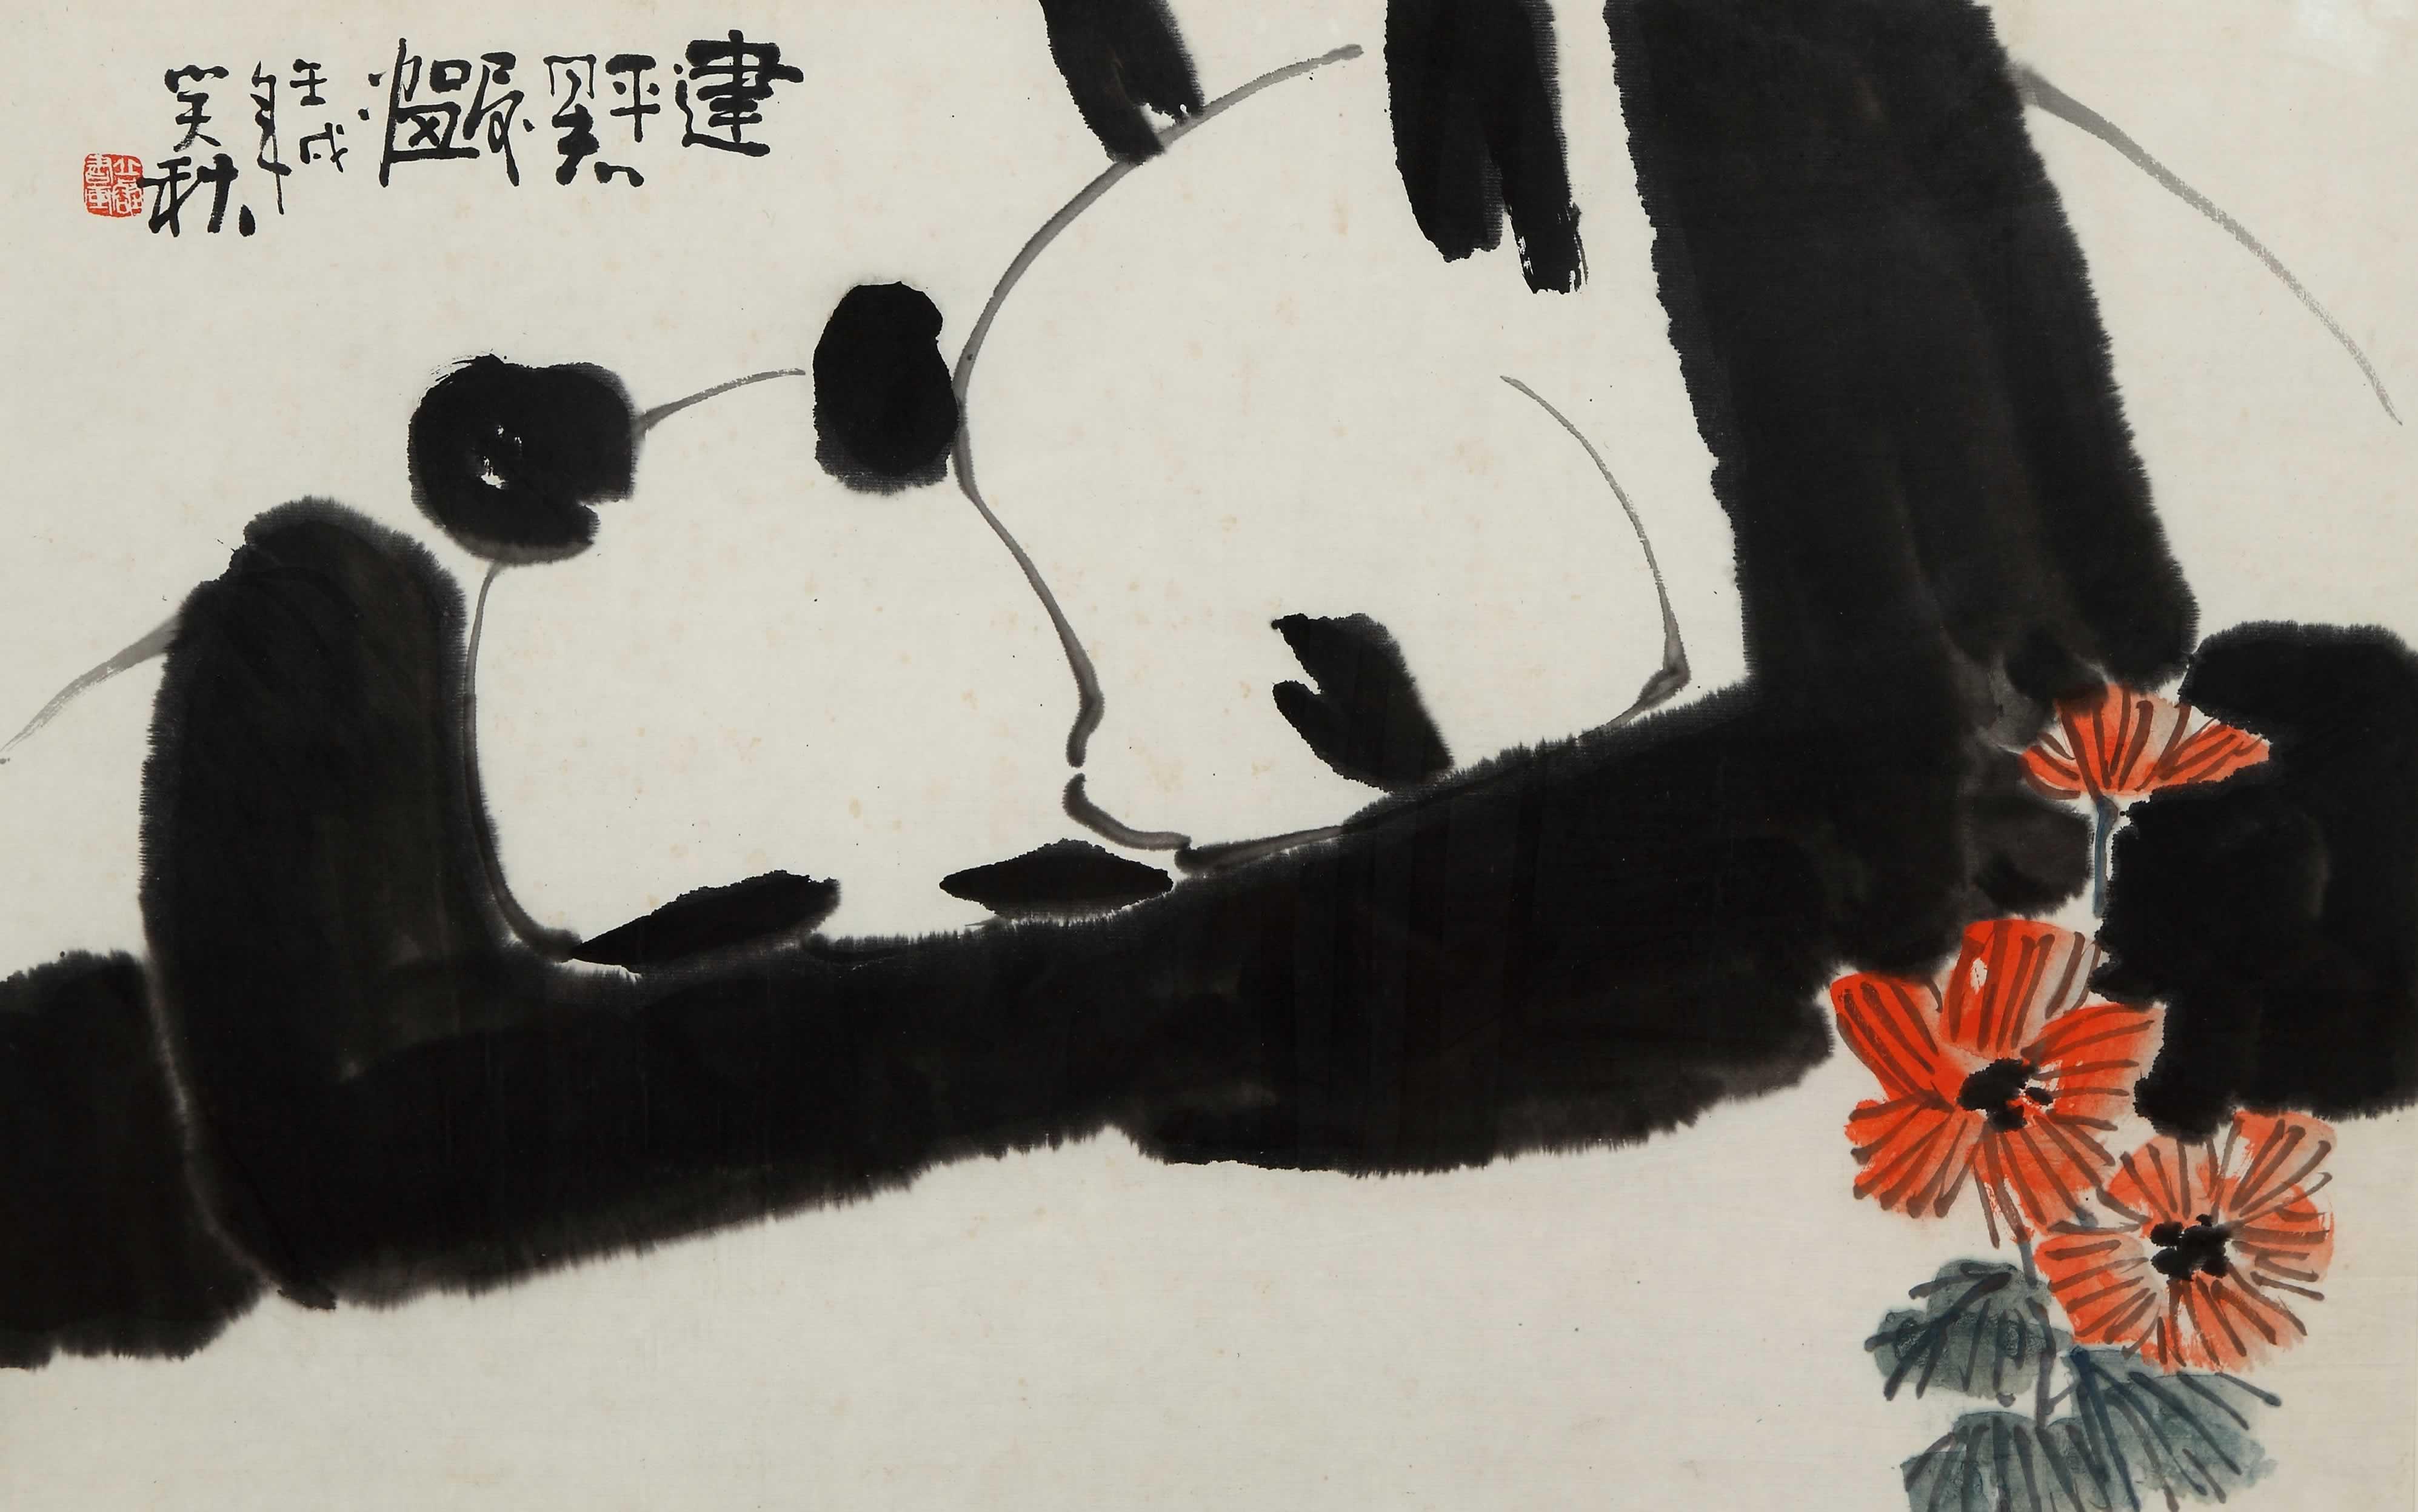 邱笑秋写意动物,邱笑秋-熊猫